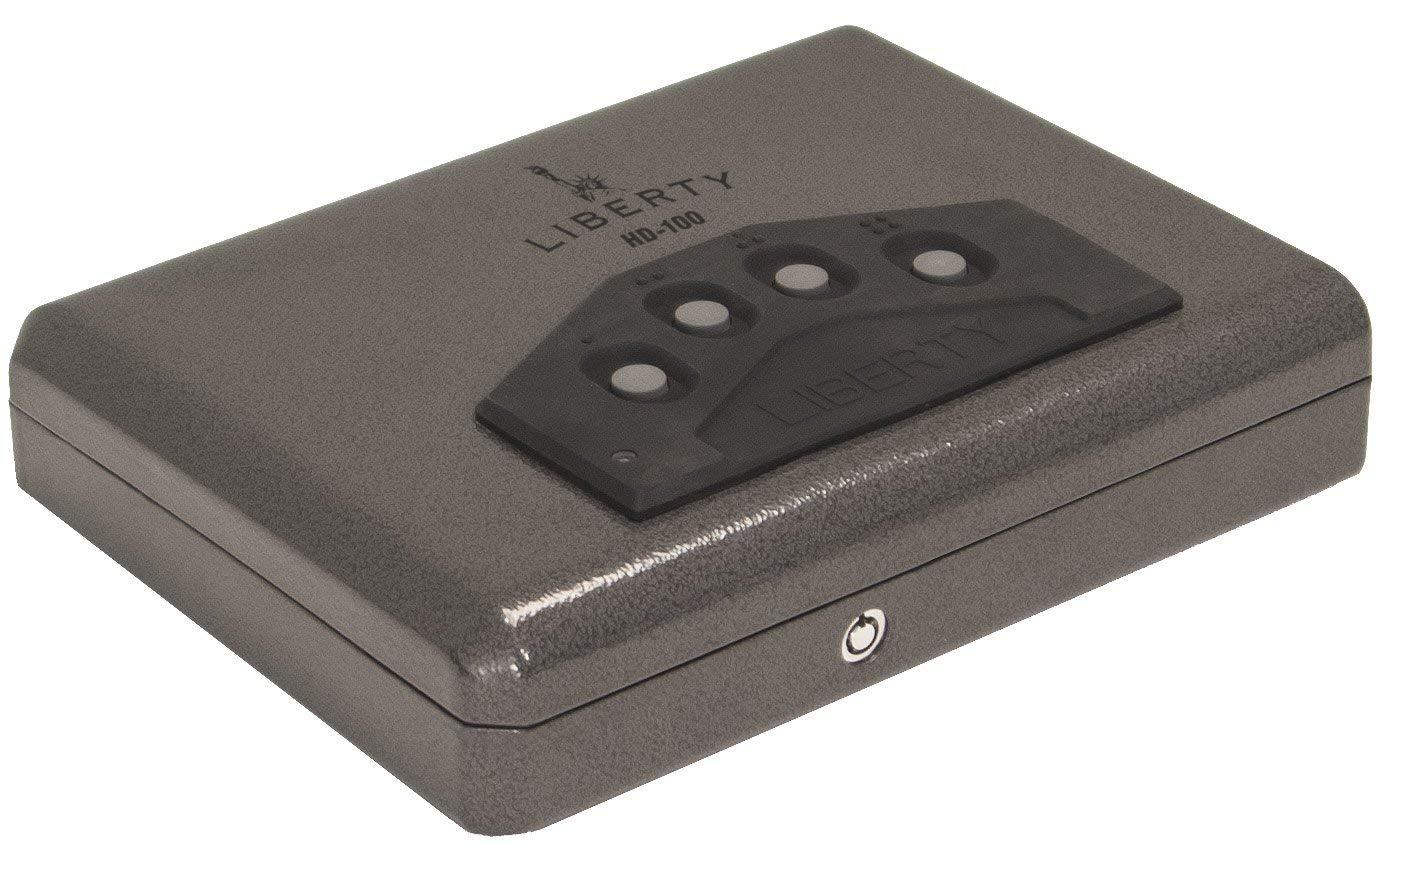 Liberty Safe Handgun Vaults Quick Vault Combo with Auto Entry, Medium by Liberty Safe